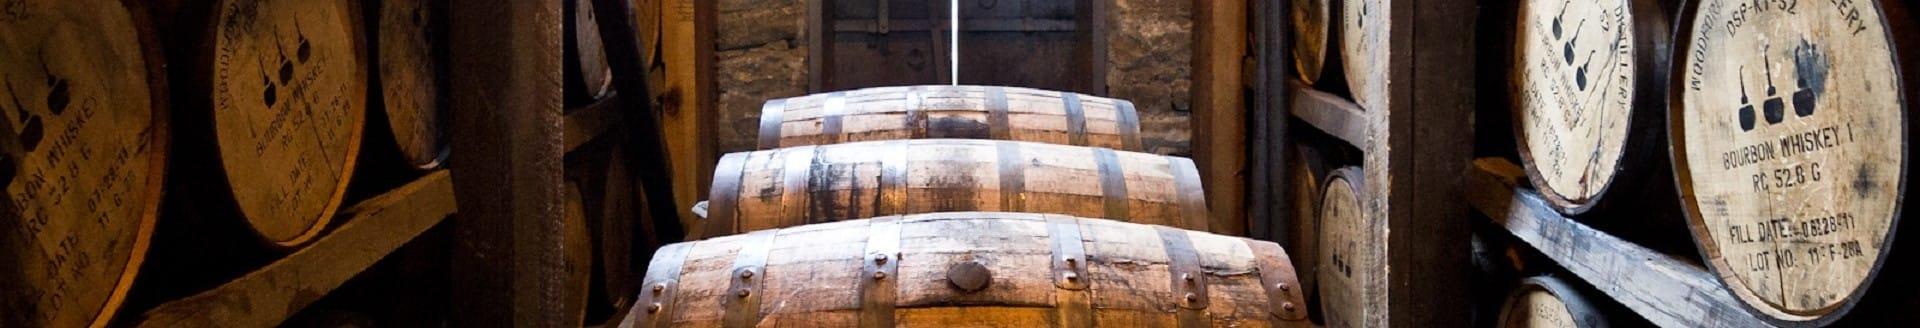 Whisky casks lined up